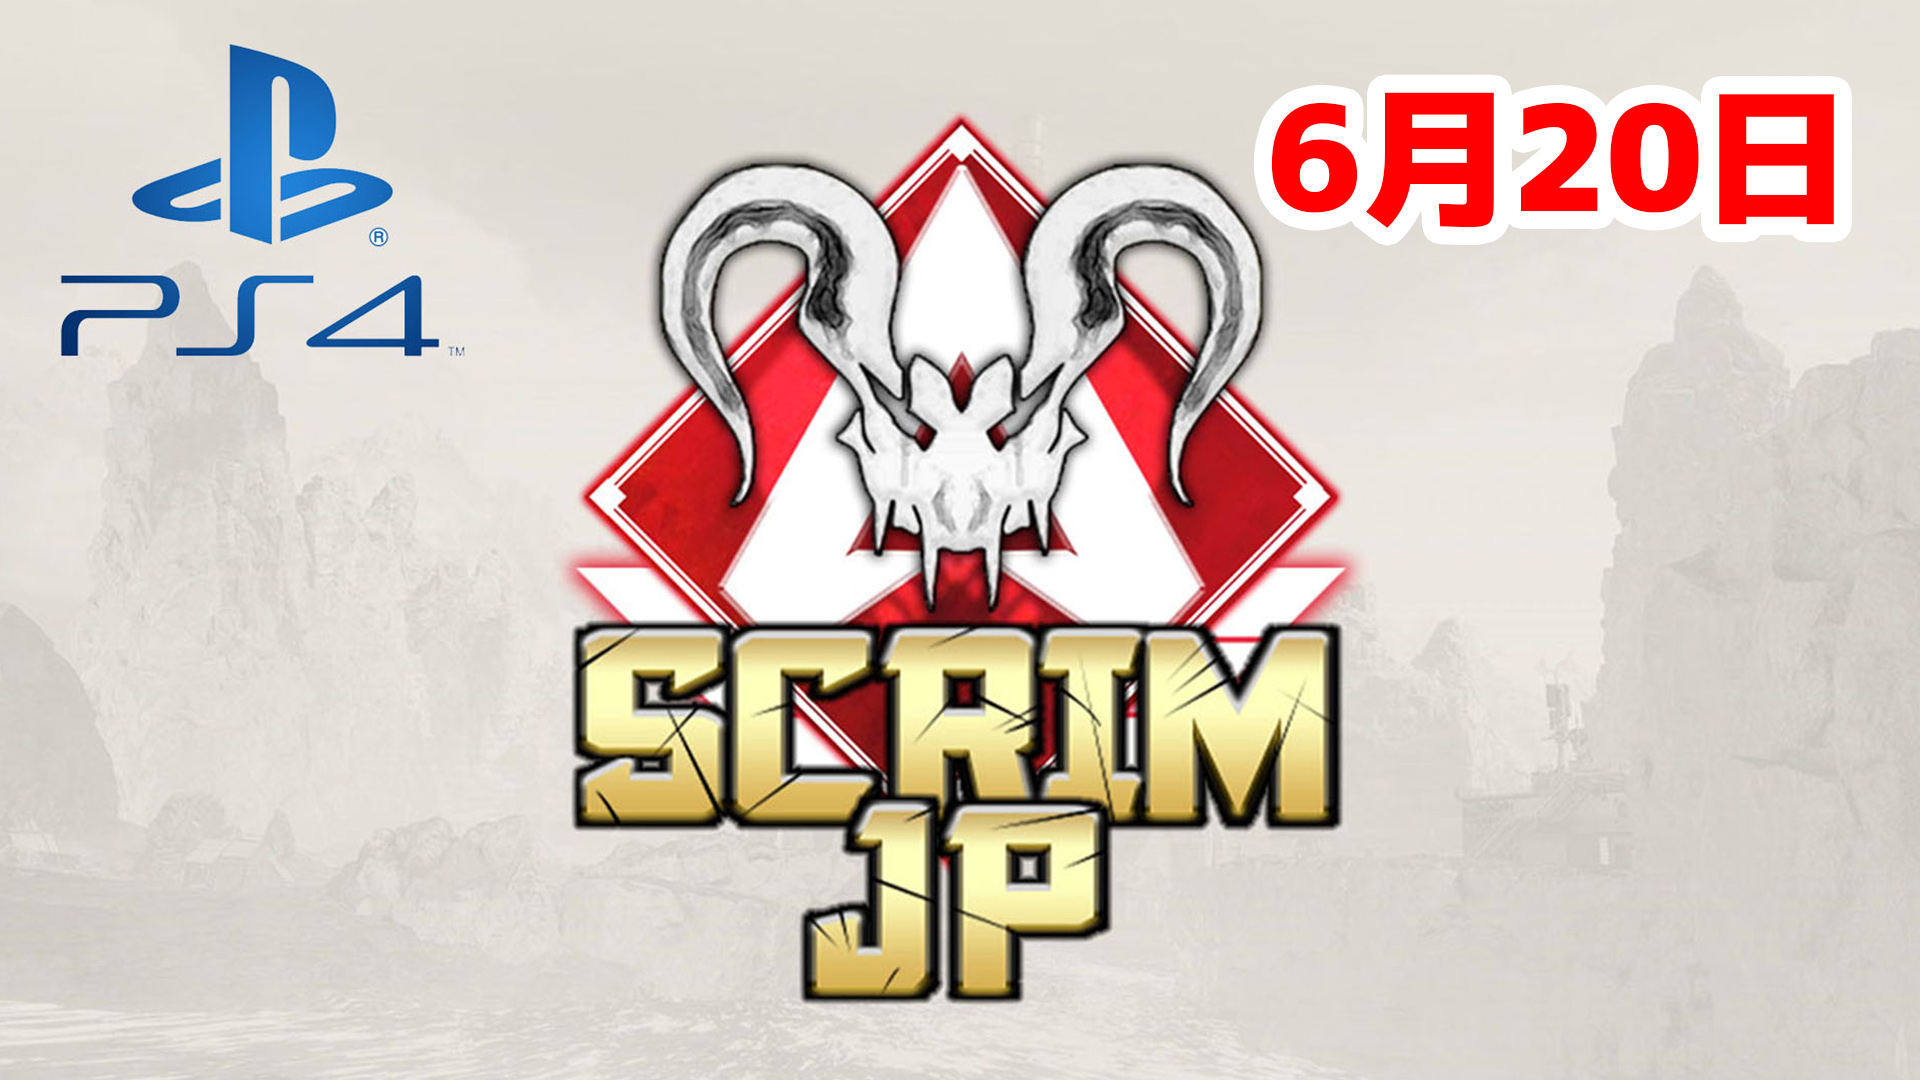 【大会アーカイブ】Apex Legends Scrim JP -Predators PS4-【2020/06/20】